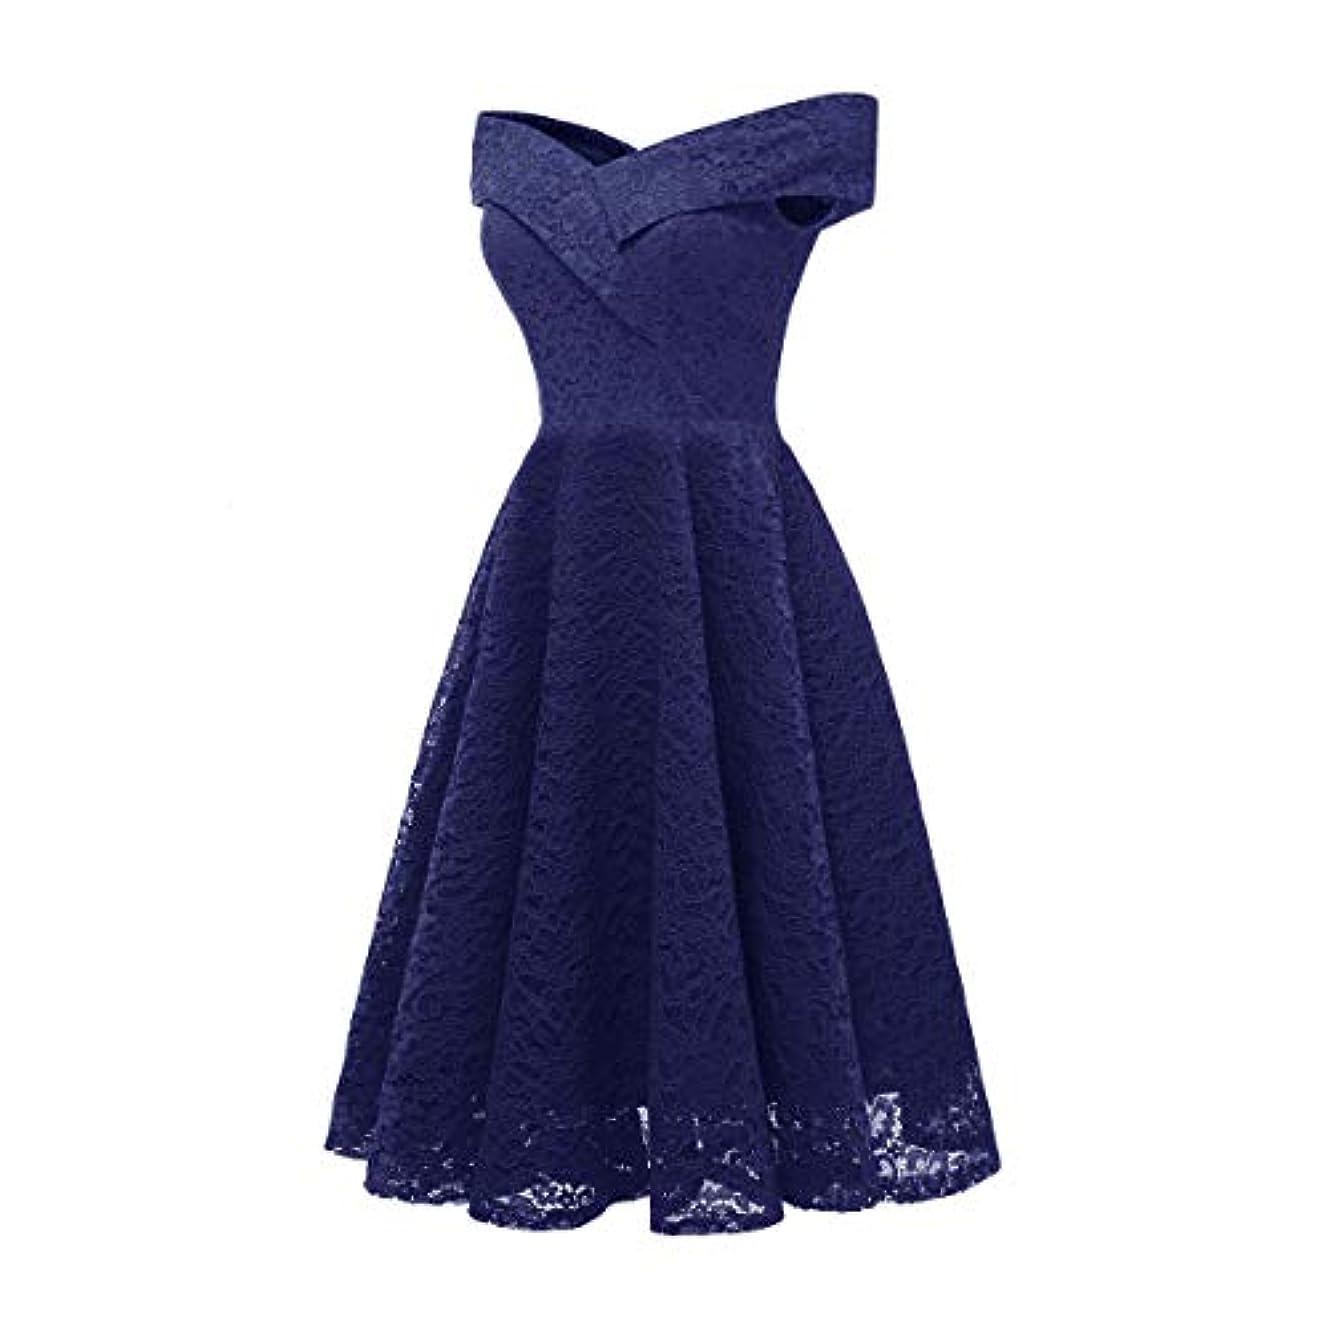 探検定常真似るBlackfell 女性のドレス女性のVネックの襟のレースのスプライスノースリーブ